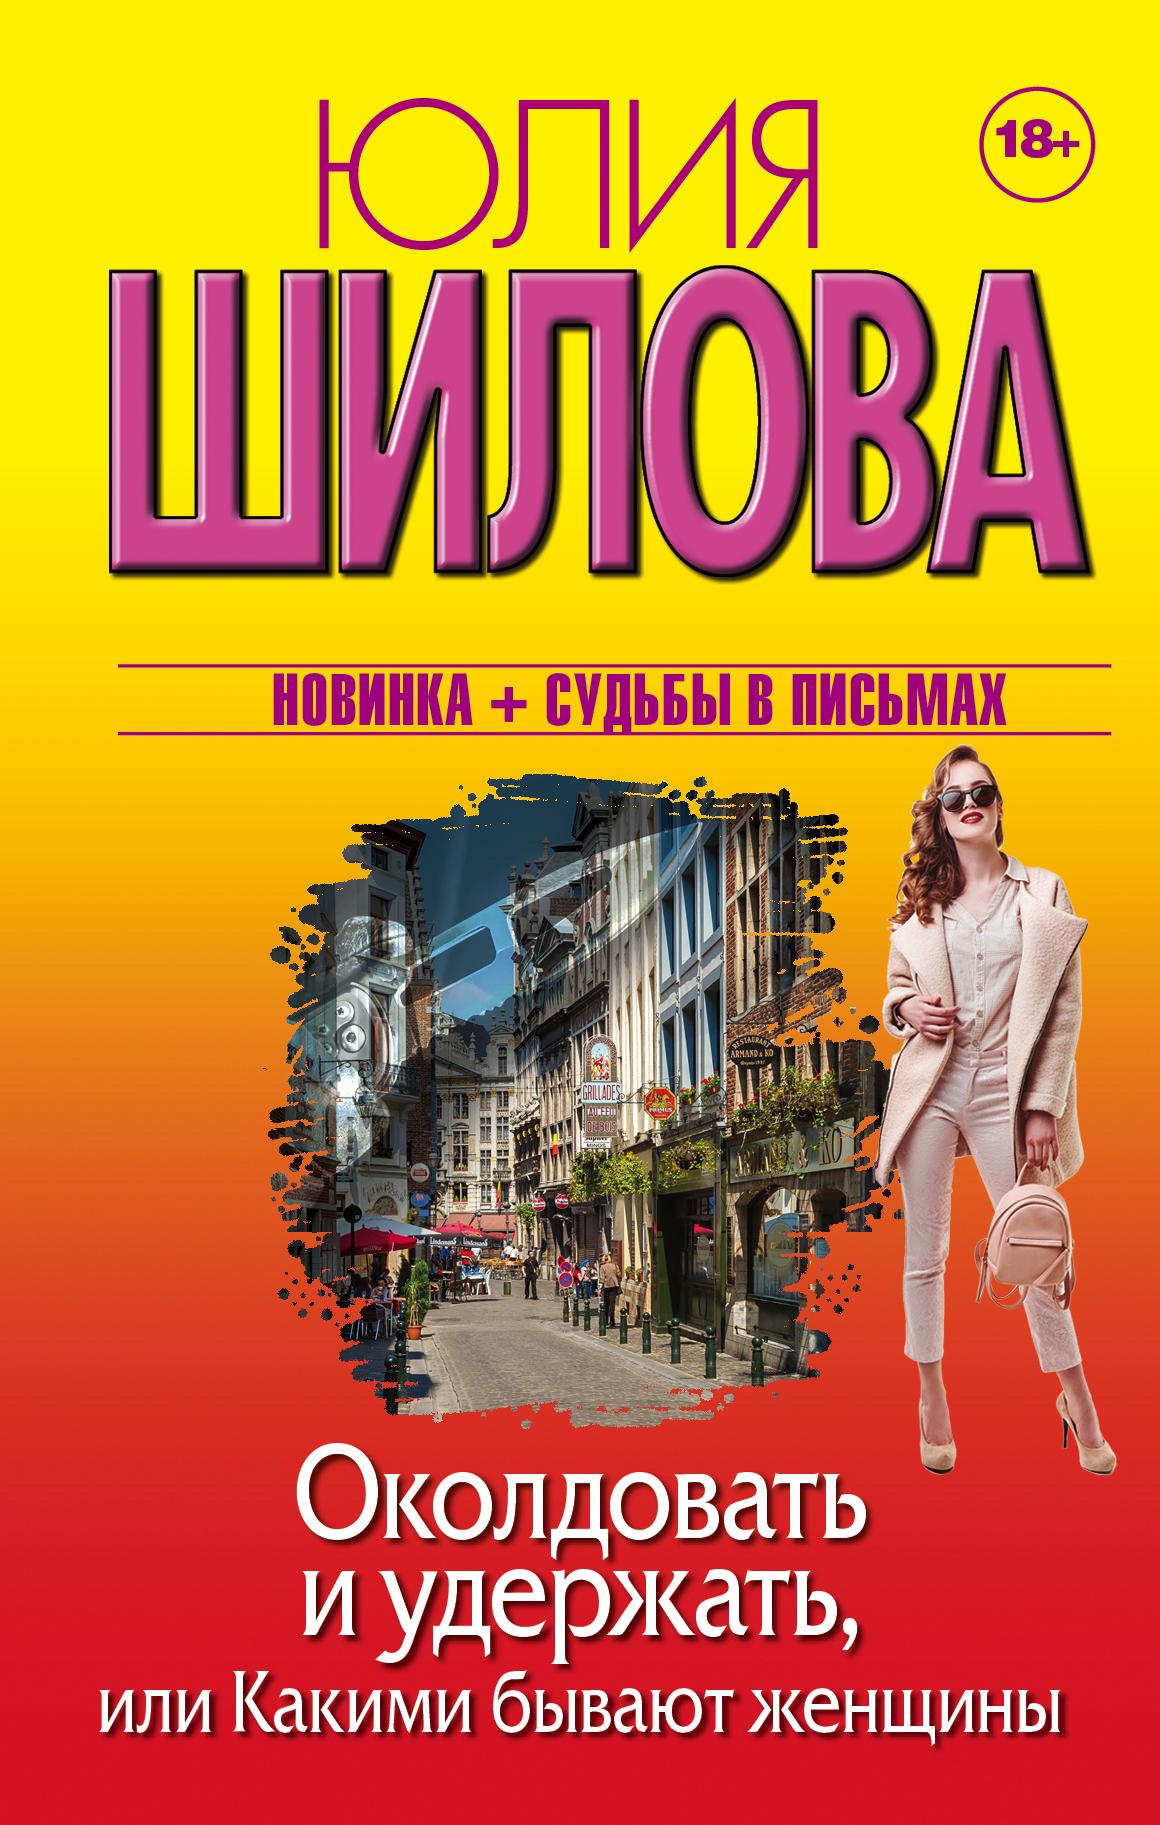 Околдовать и удержать, или Какими бывают женщины - Юлия Шилова